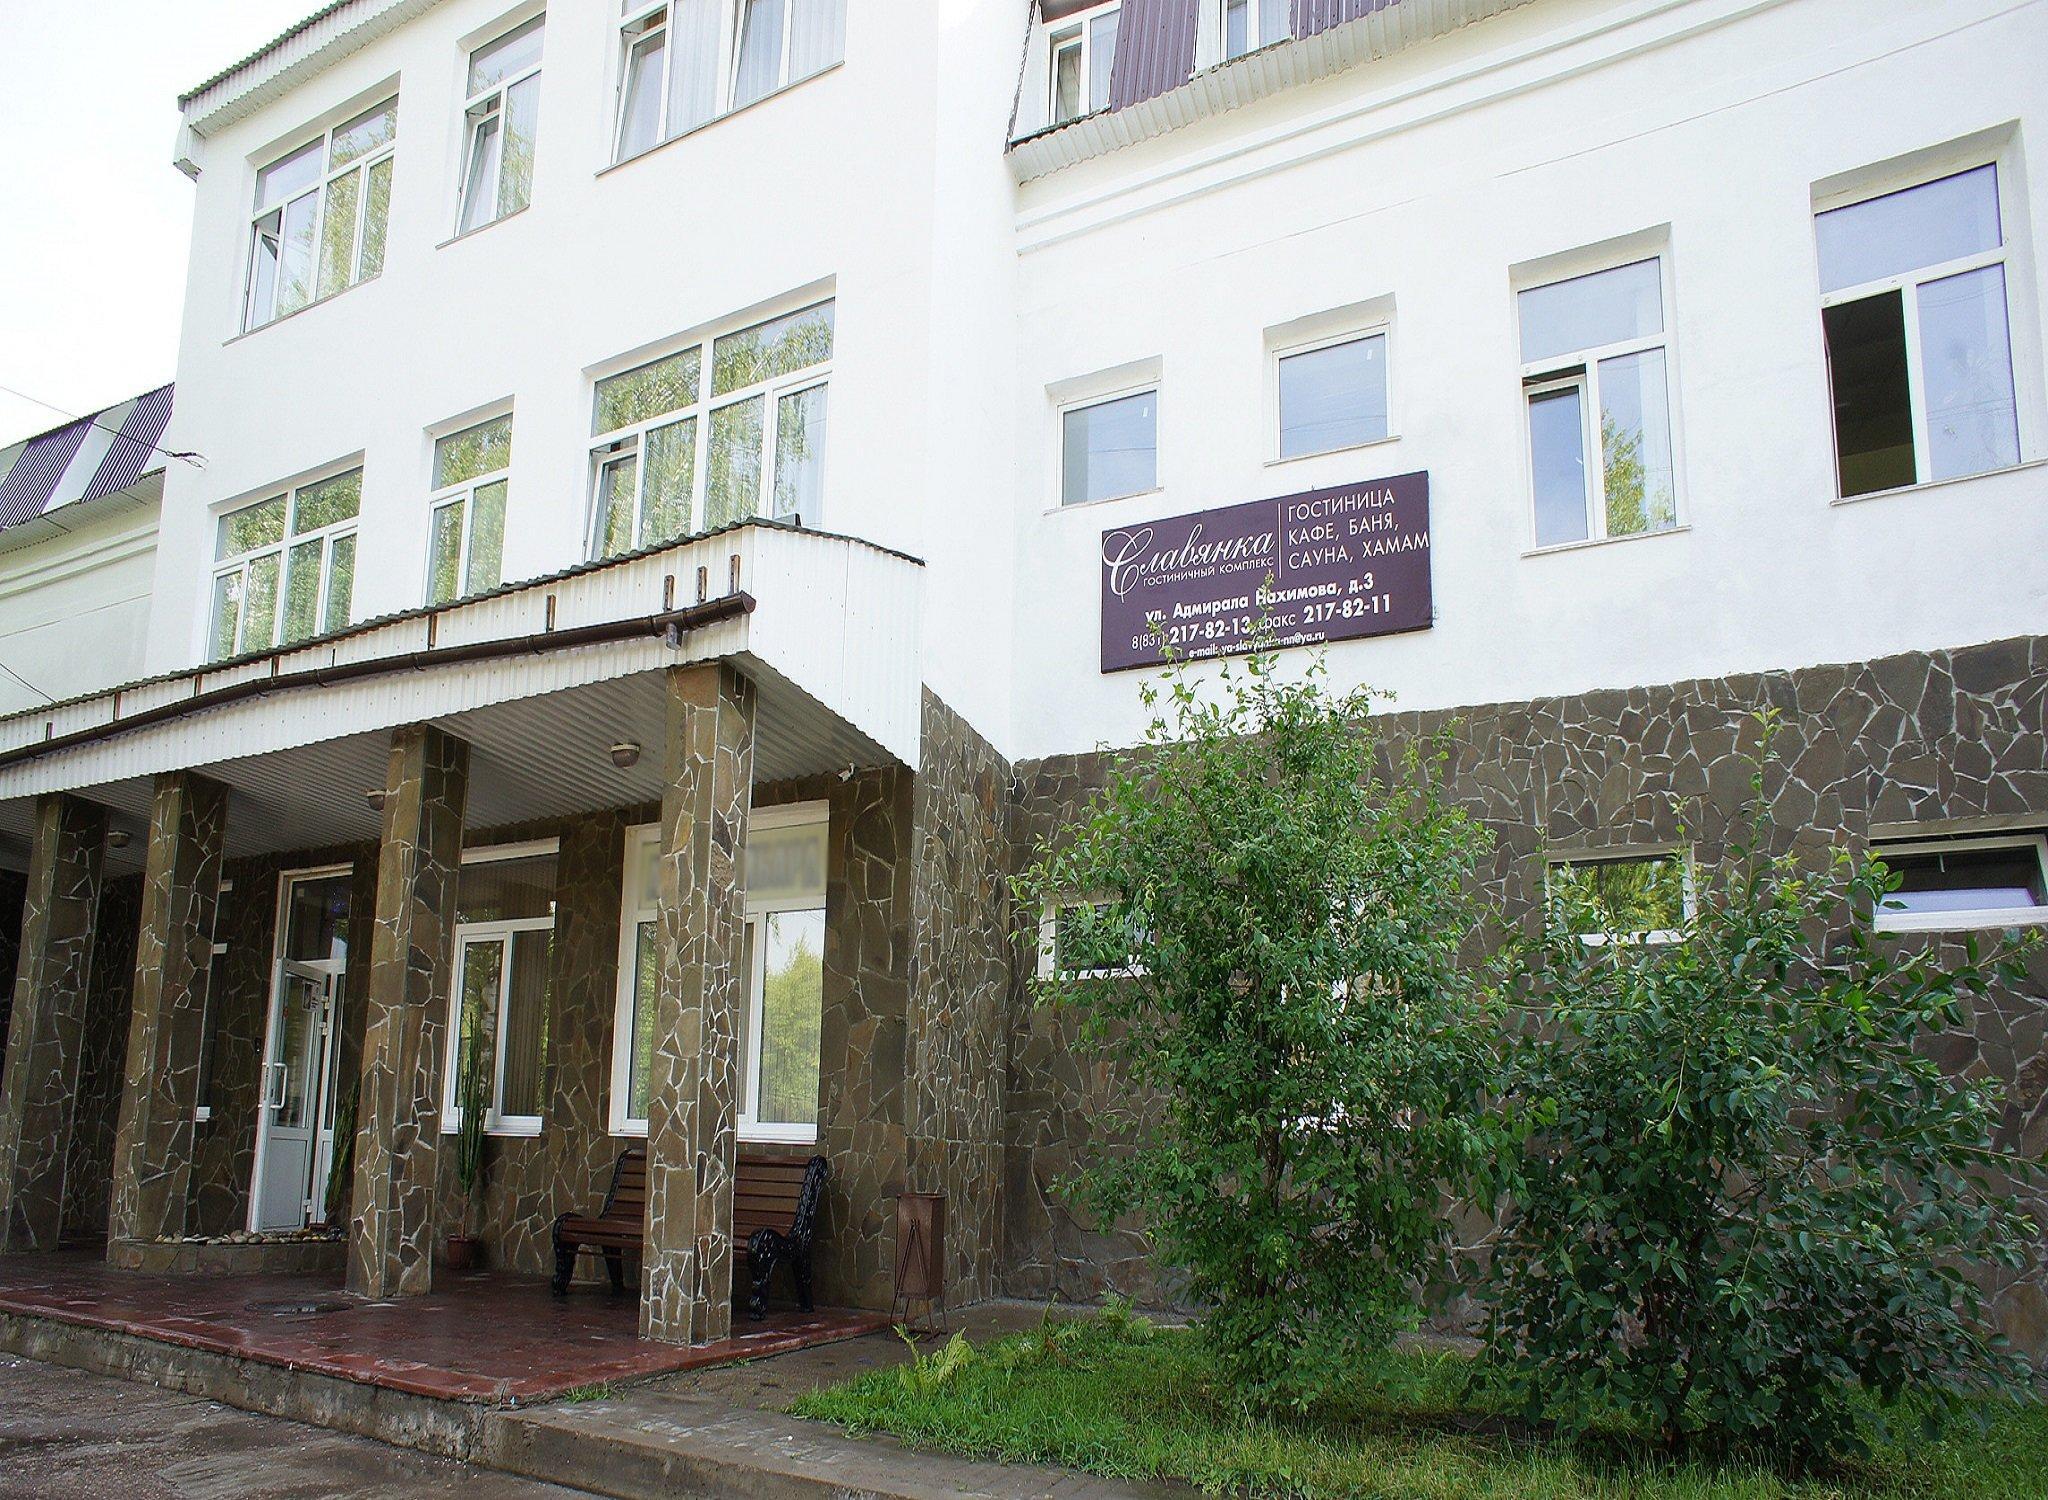 фотография Гостиничного комплекса Славянка на улице Адмирала Нахимова